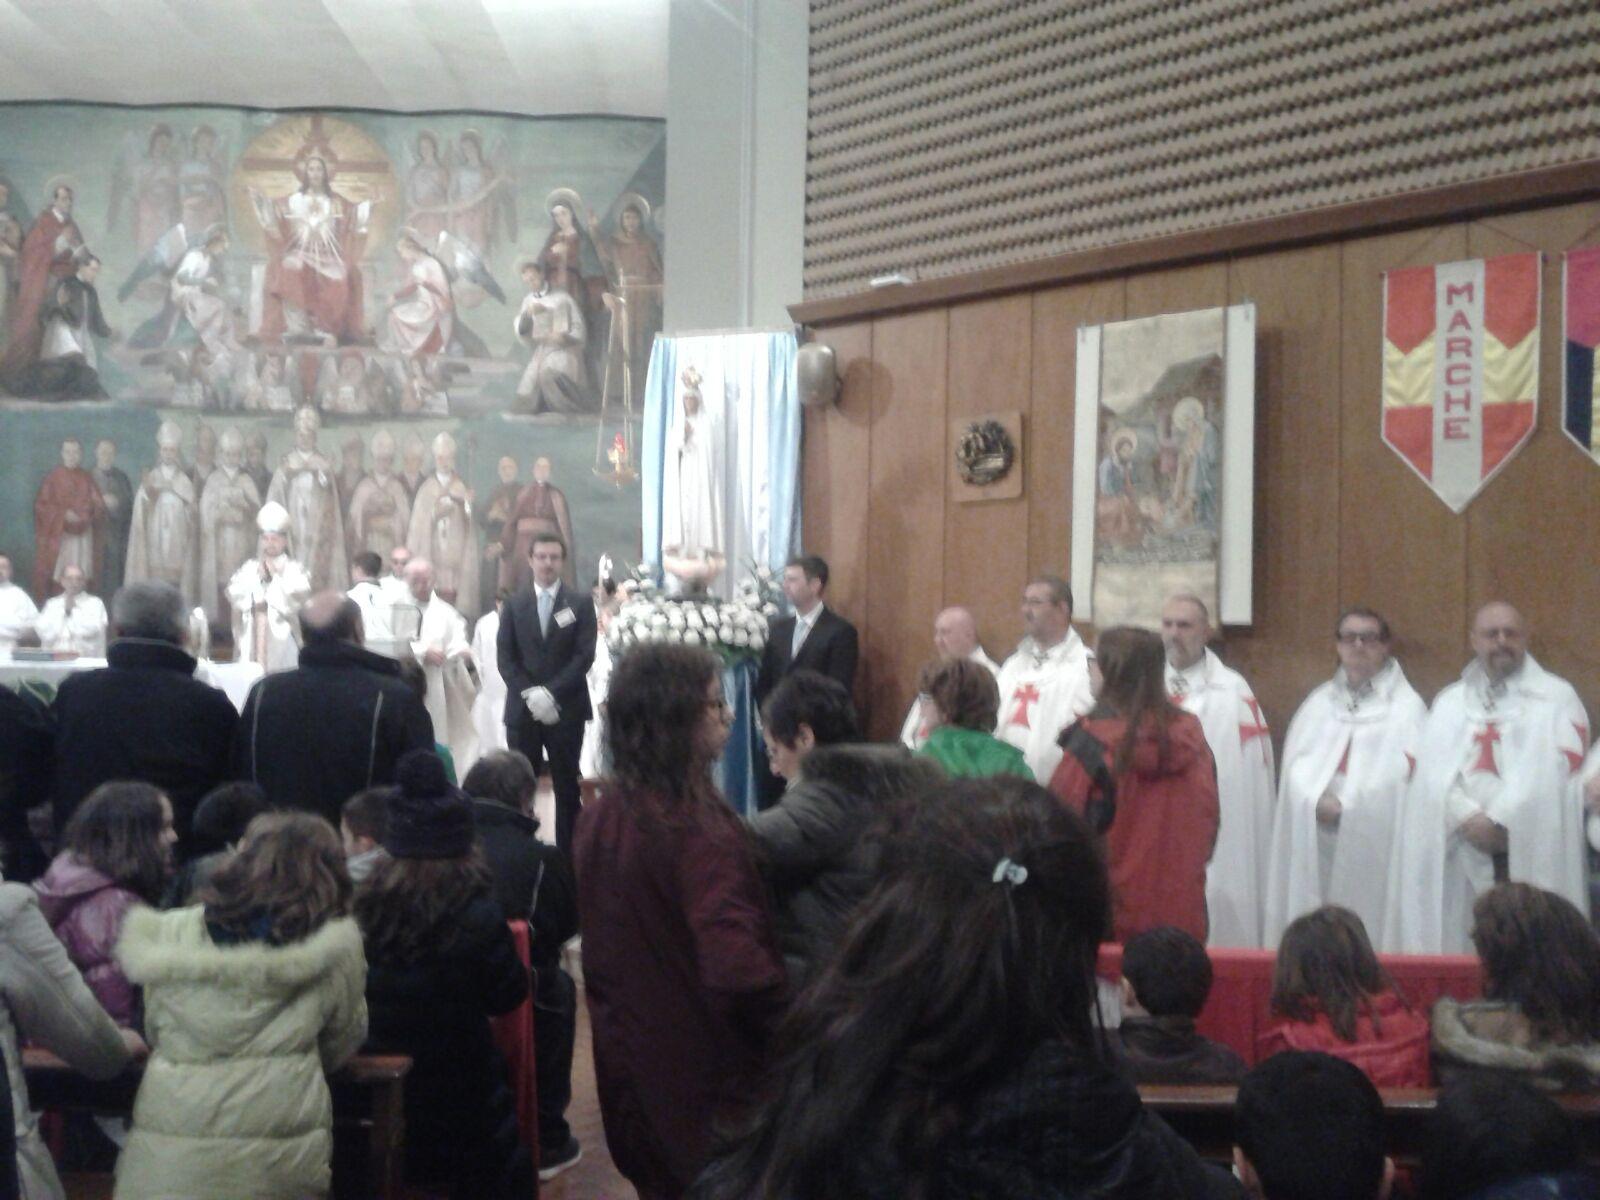 Nuestra Señora Peregrina de Fátima en Vigevano con Mons. Stefano di Mauro